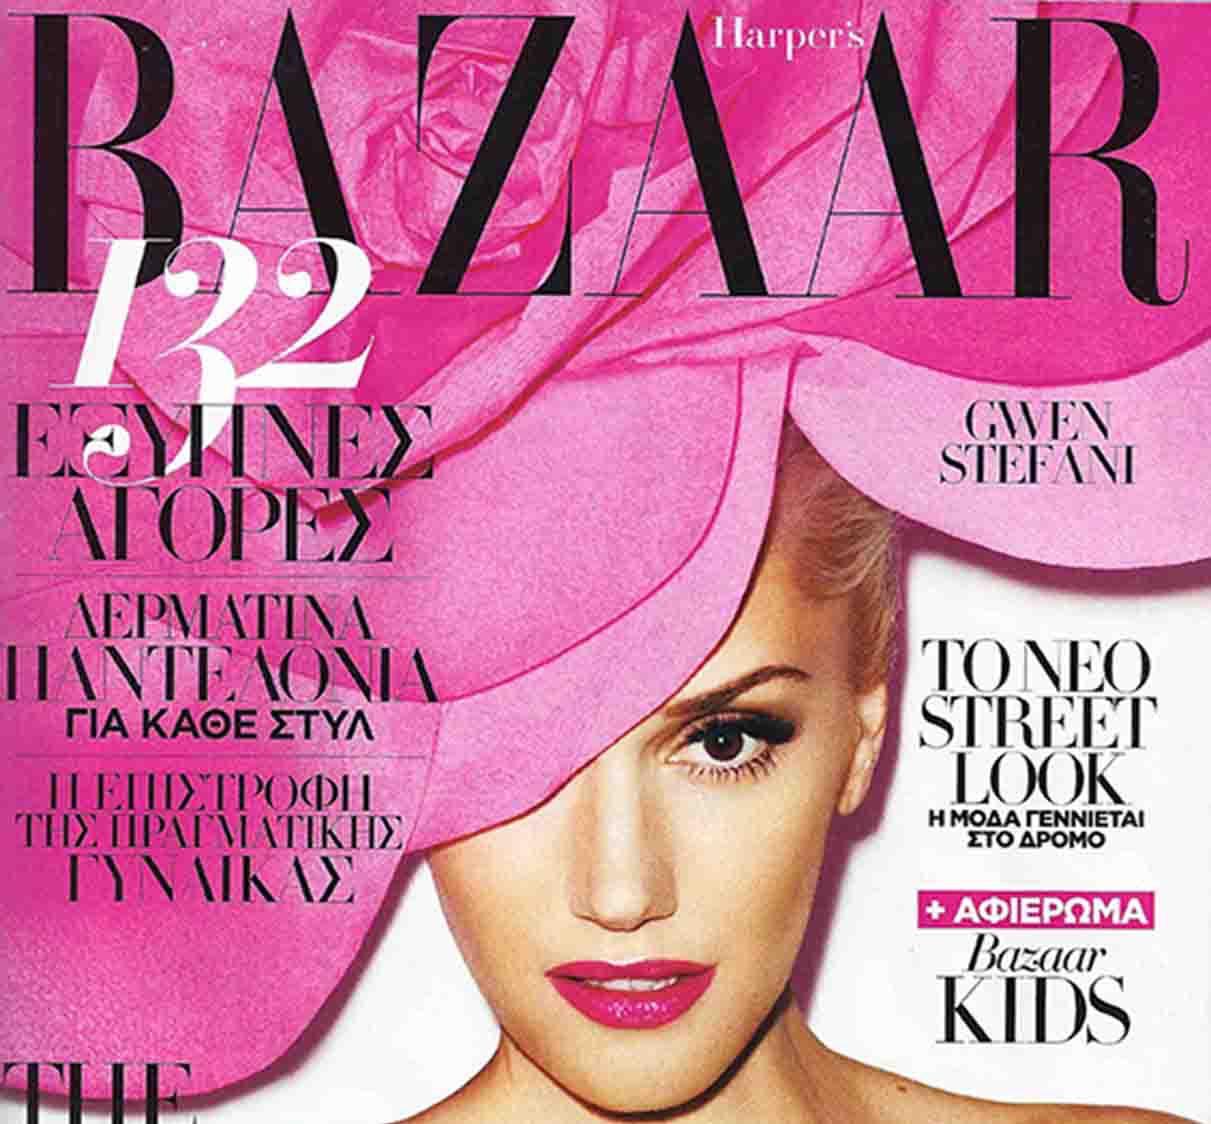 Harper's Bazaar October 2012